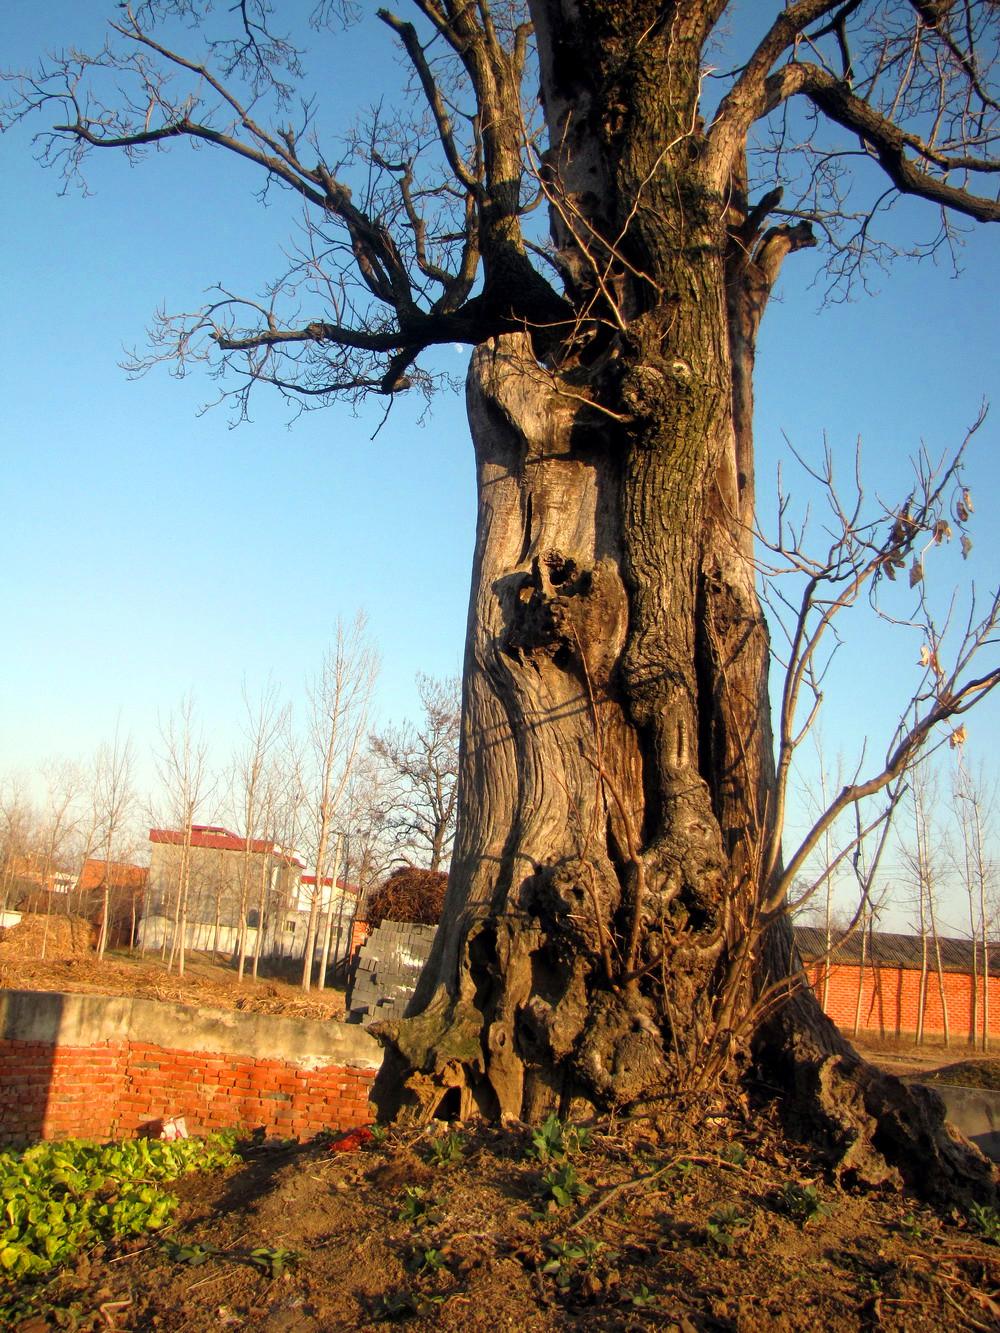 枯树桩图片素材